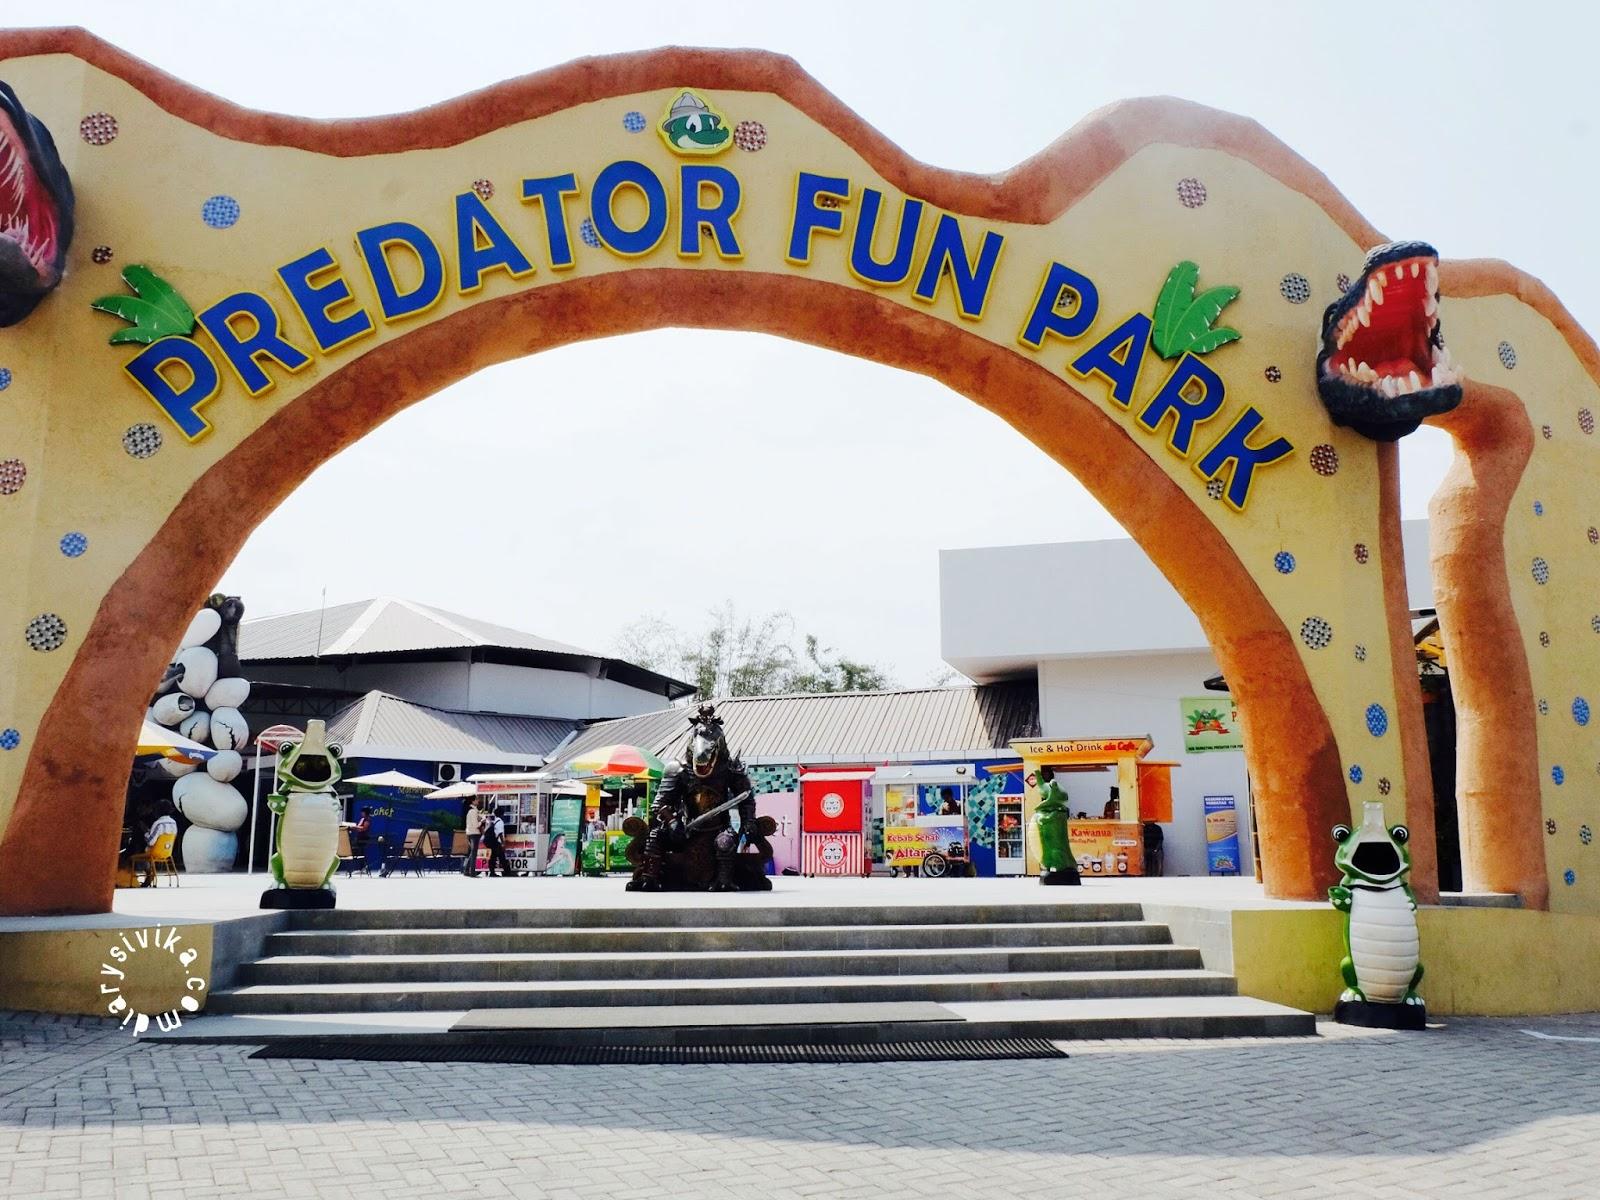 Predator Fun Park Kota Batu Menyeramkan Diarysivika Food